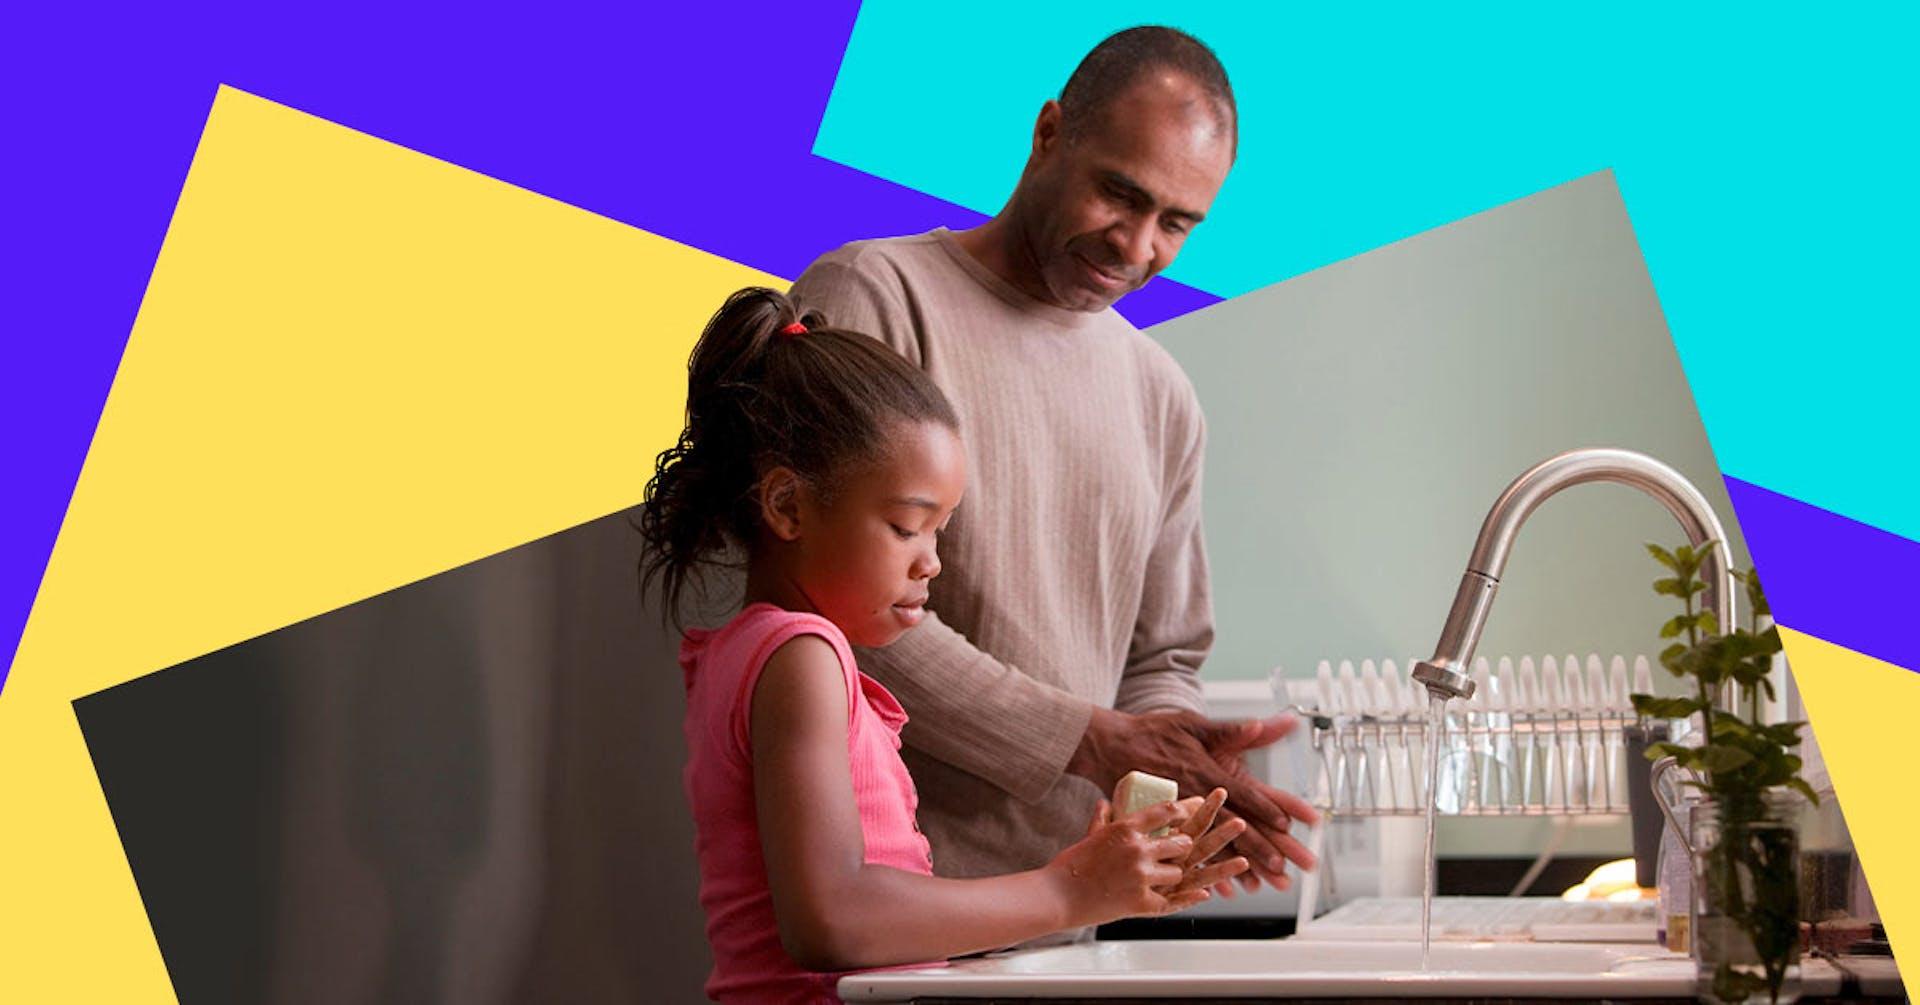 Mejorando la productividad en familia